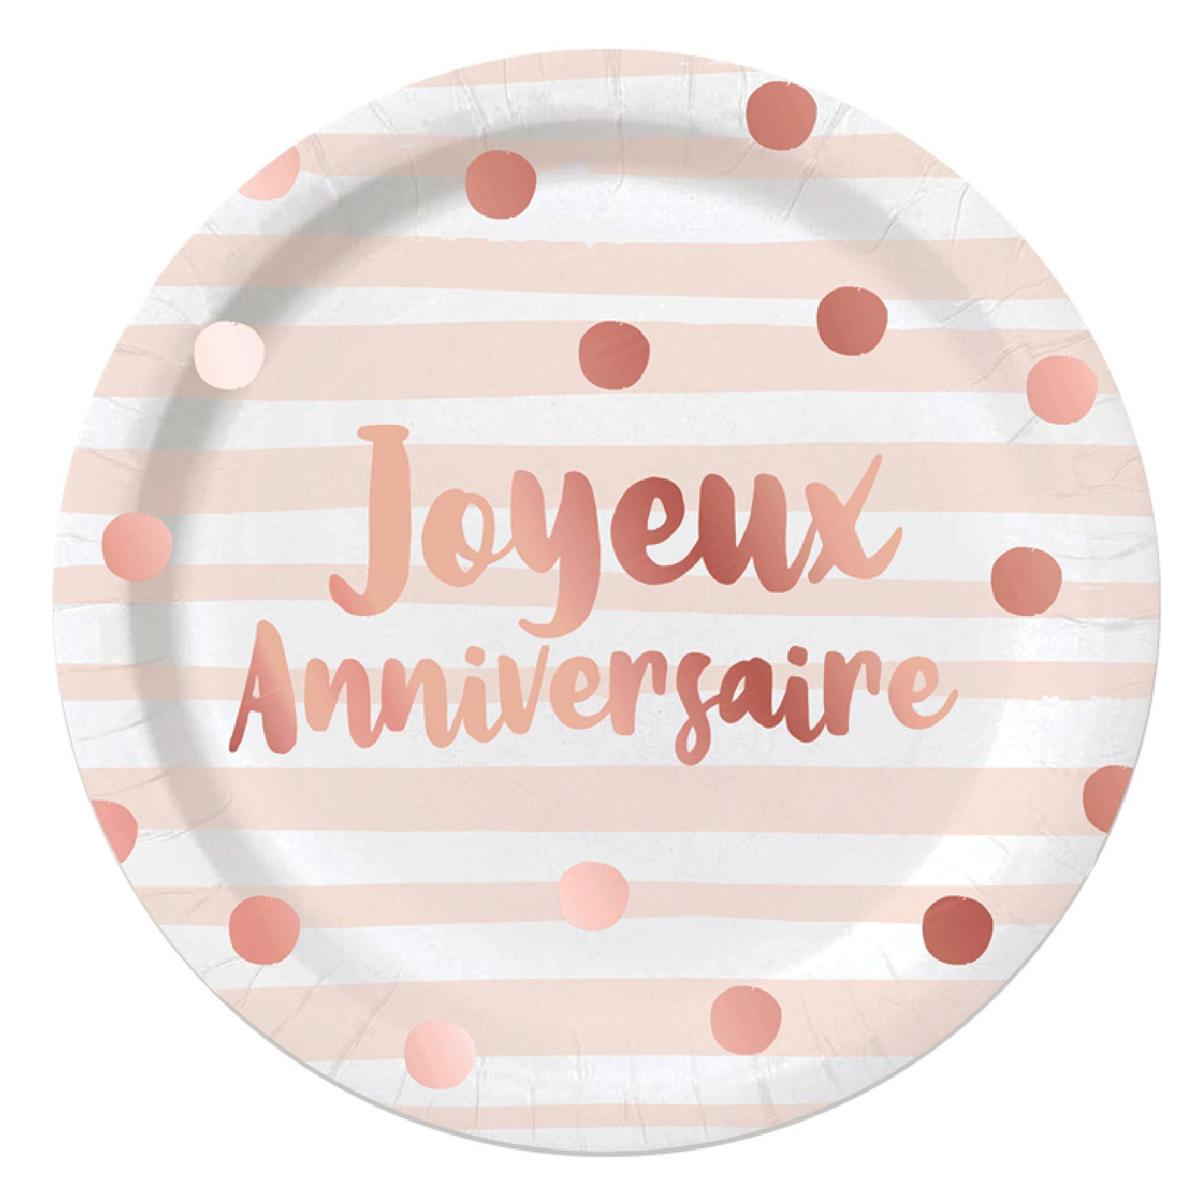 Pack de 6 assiettes \'Joyeux Anniversaire\' rosé (blush) - 23 cm - [A0761]